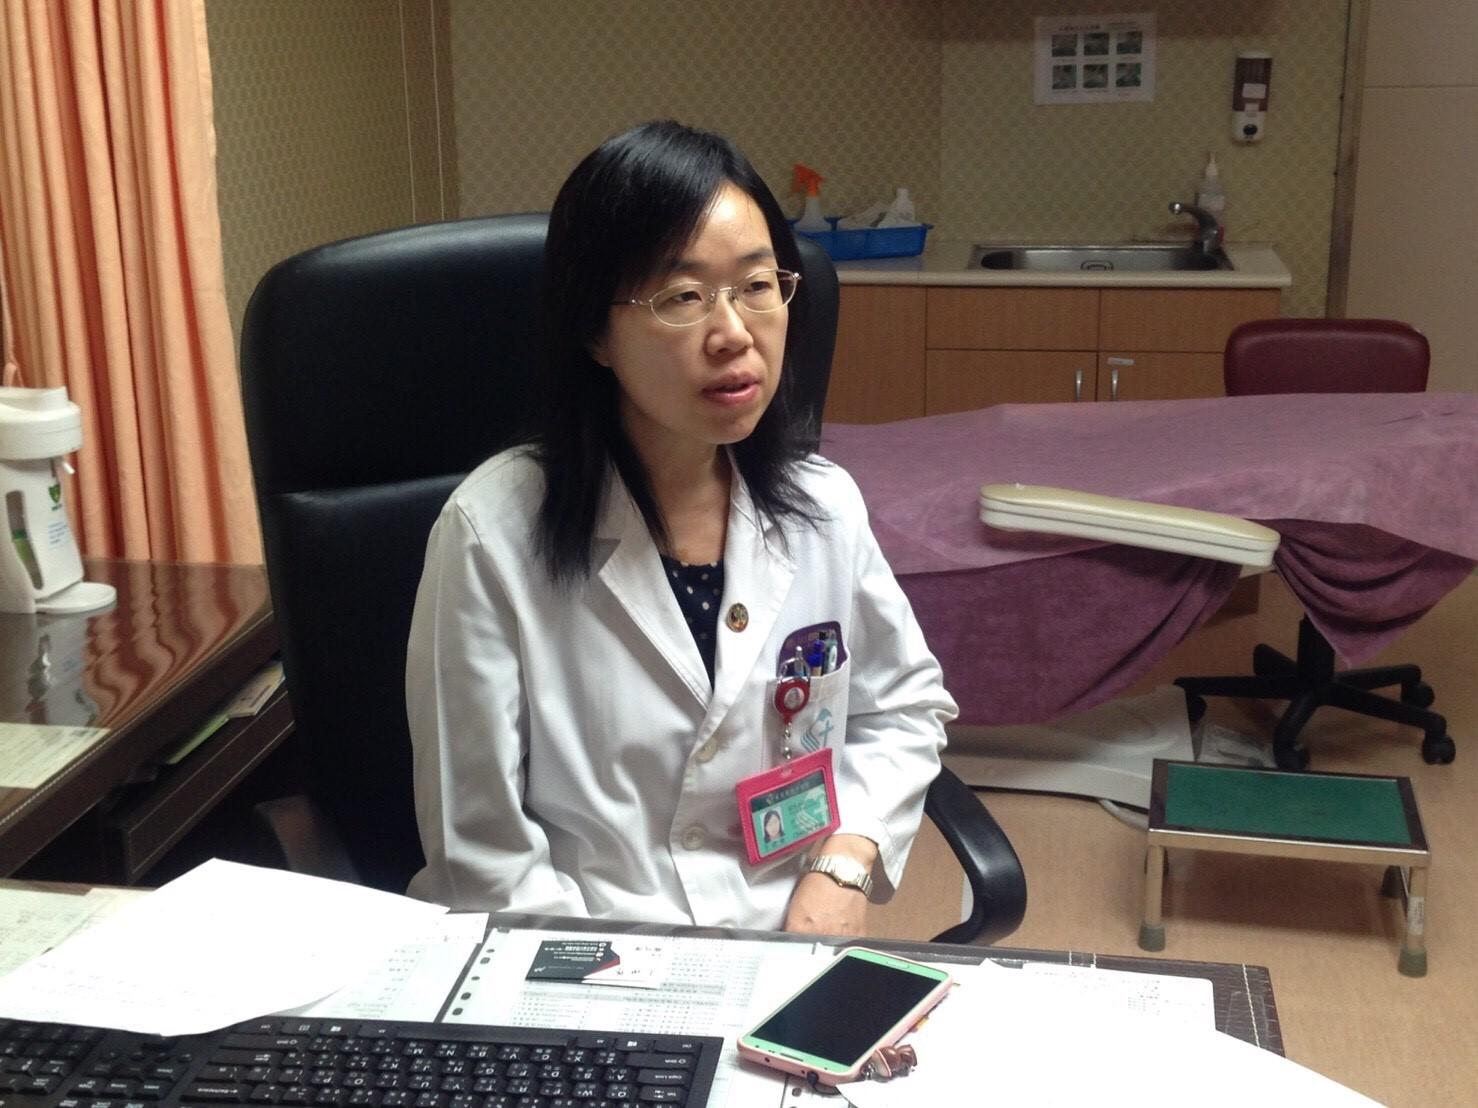 皮膚科主任王佳珍說道,發作持續六周以上為慢性蕁麻疹,造成的原因可能是因為壓力和情緒因素。攝影/高凡淳